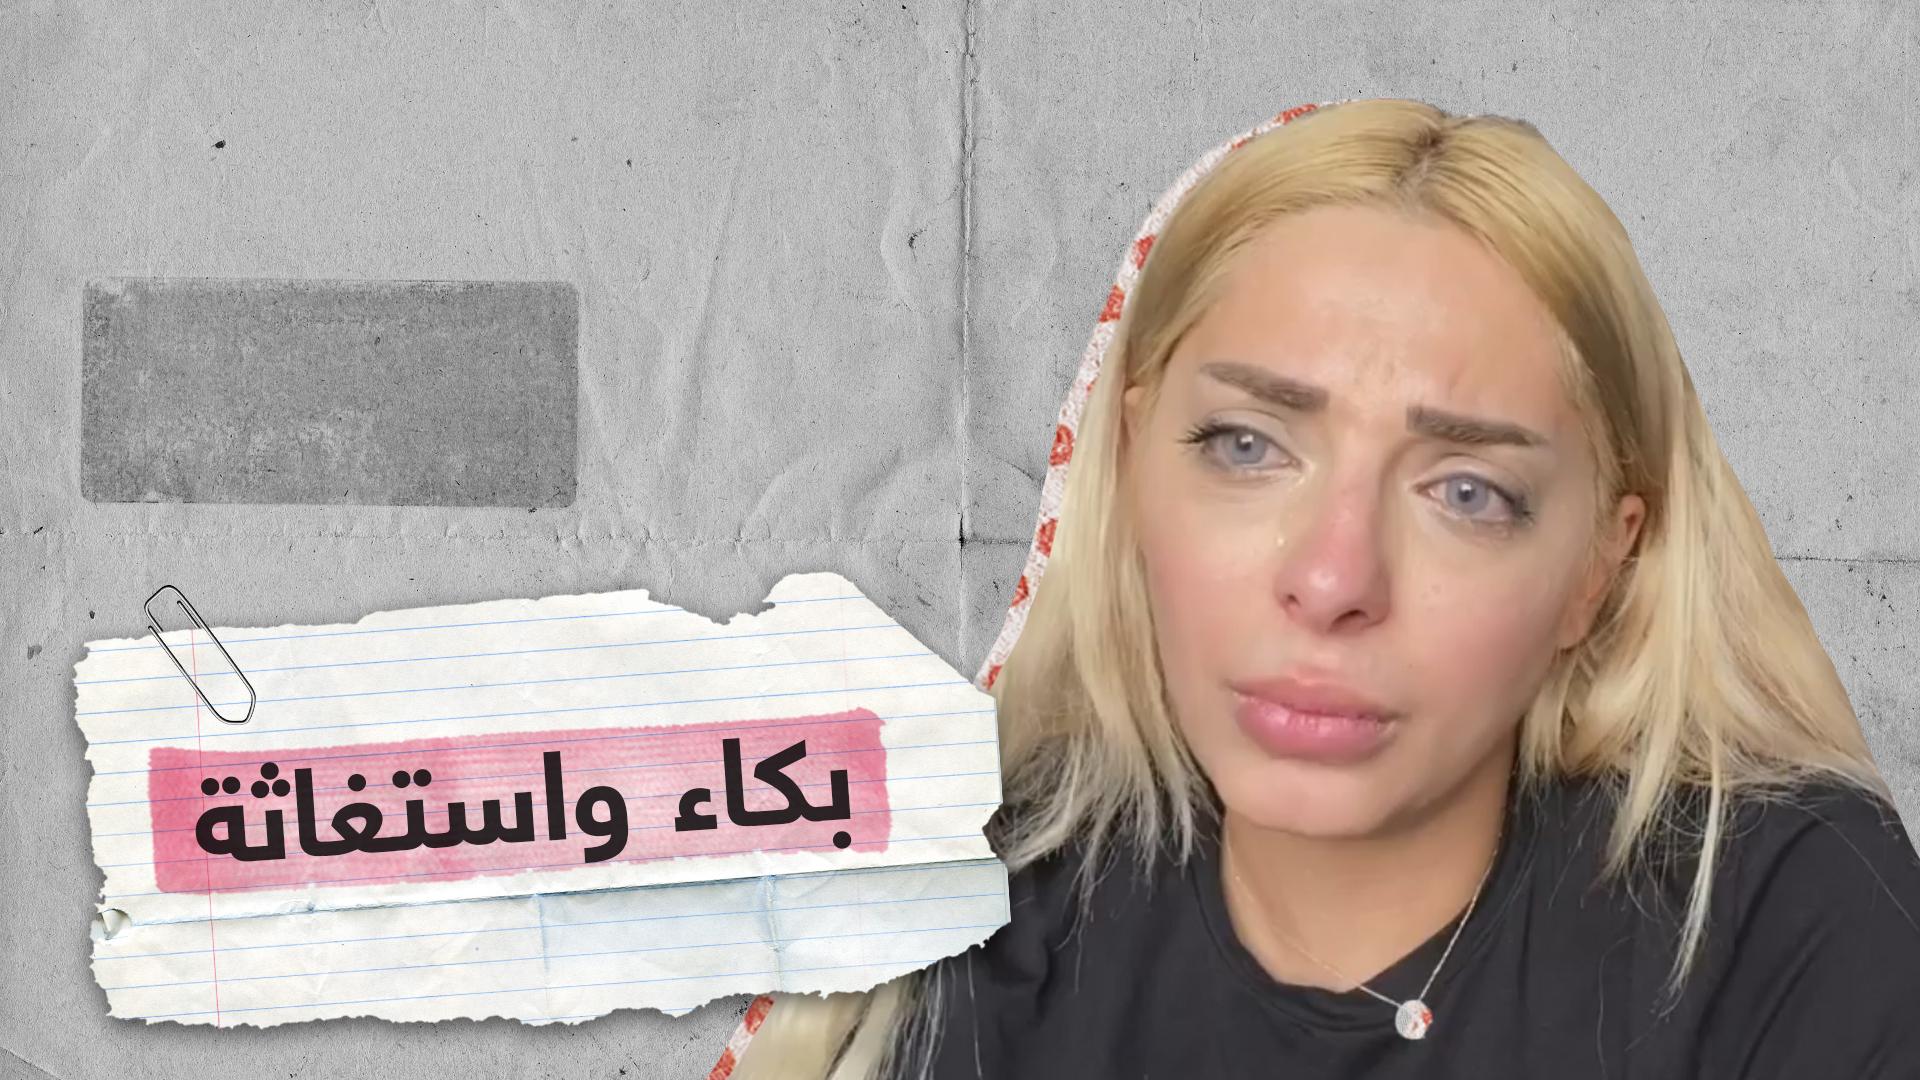 """مذيعة مصرية تبكي وتستغيث: """"بيتنا هيتحجز عليه وزوجي مهدد بالحبس"""""""